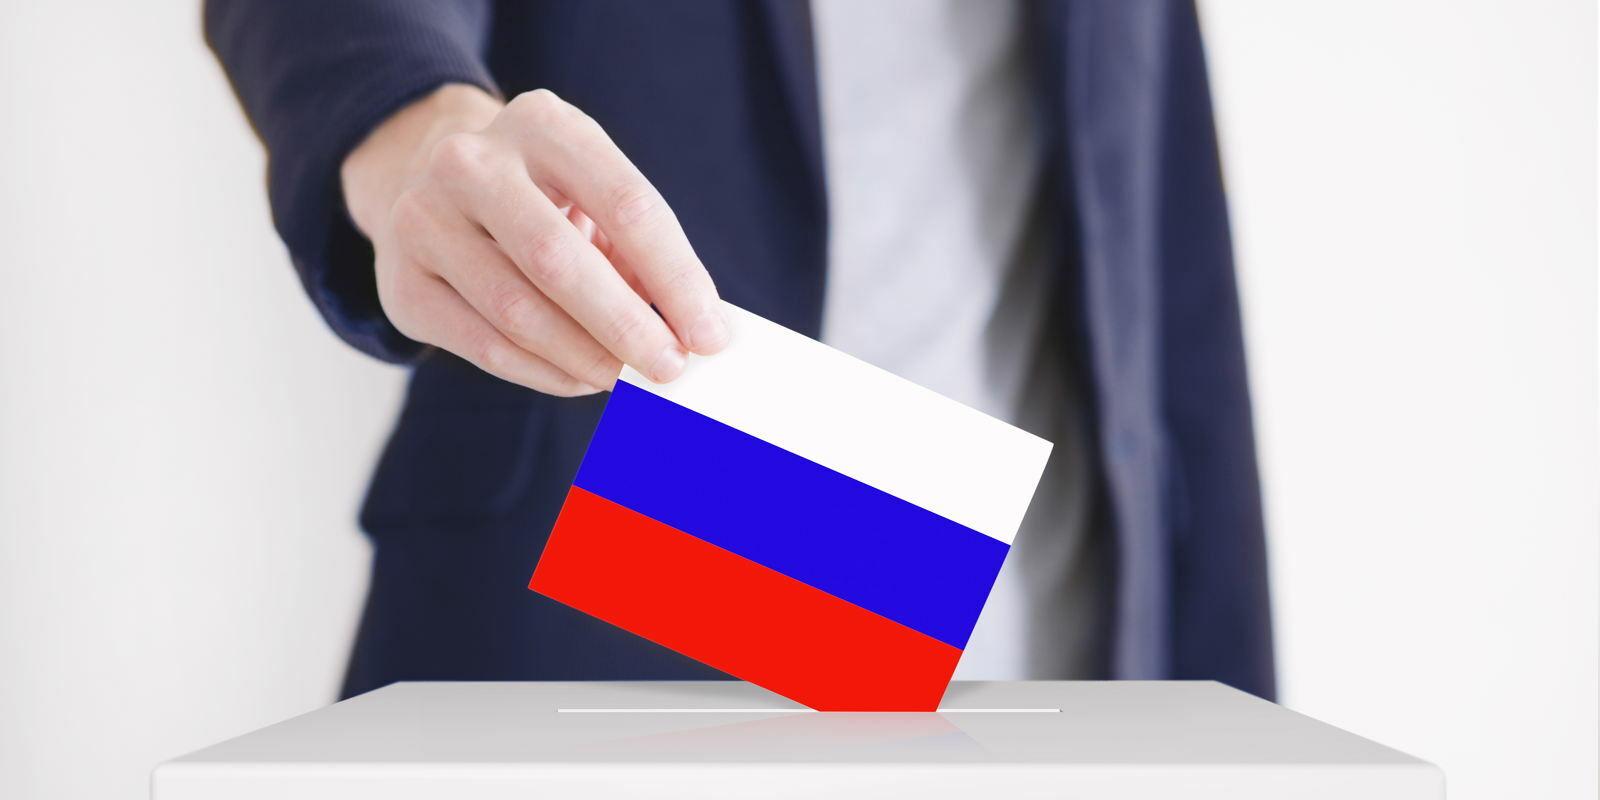 Moscou utilise la blockchain pour modifier la Constitution russe